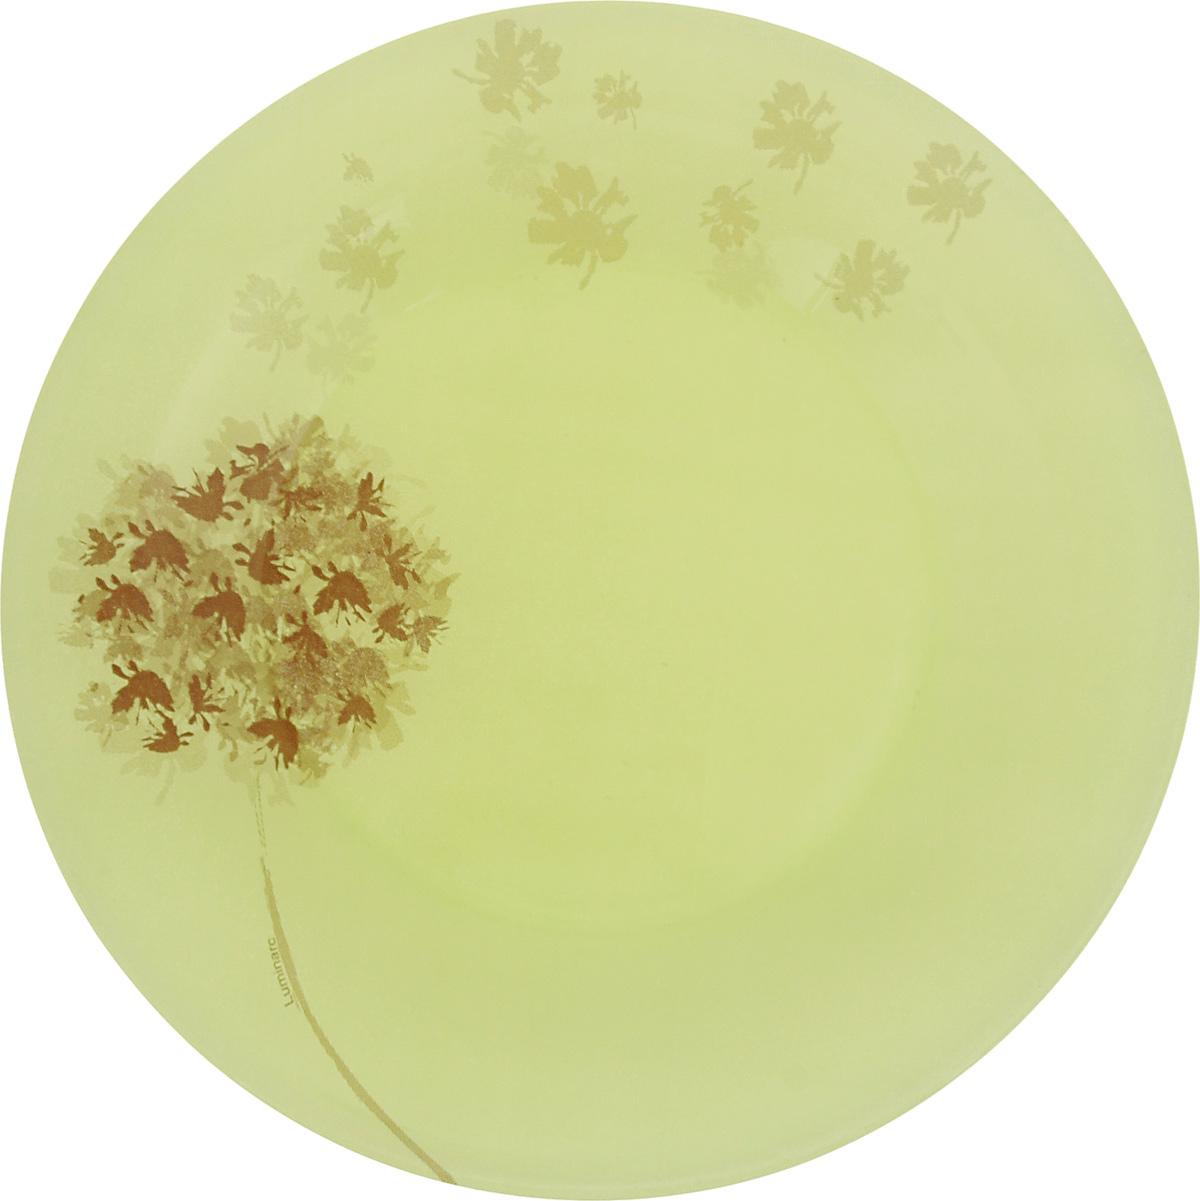 Тарелка десертная Luminarc Stella, цвет: зеленый, диаметр 19,5 смJ2139Десертная тарелка Luminarc Stella, изготовленная из ударопрочного стекла, декорирована ярким рисунком. Такая тарелка прекрасно подходит как для торжественных случаев, так и для повседневного использования. Идеальна для подачи десертов, пирожных, тортов и многого другого. Она прекрасно оформит стол и станет отличным дополнением к вашей коллекции кухонной посуды. Диаметр тарелки (по верхнему краю): 19,5 см.